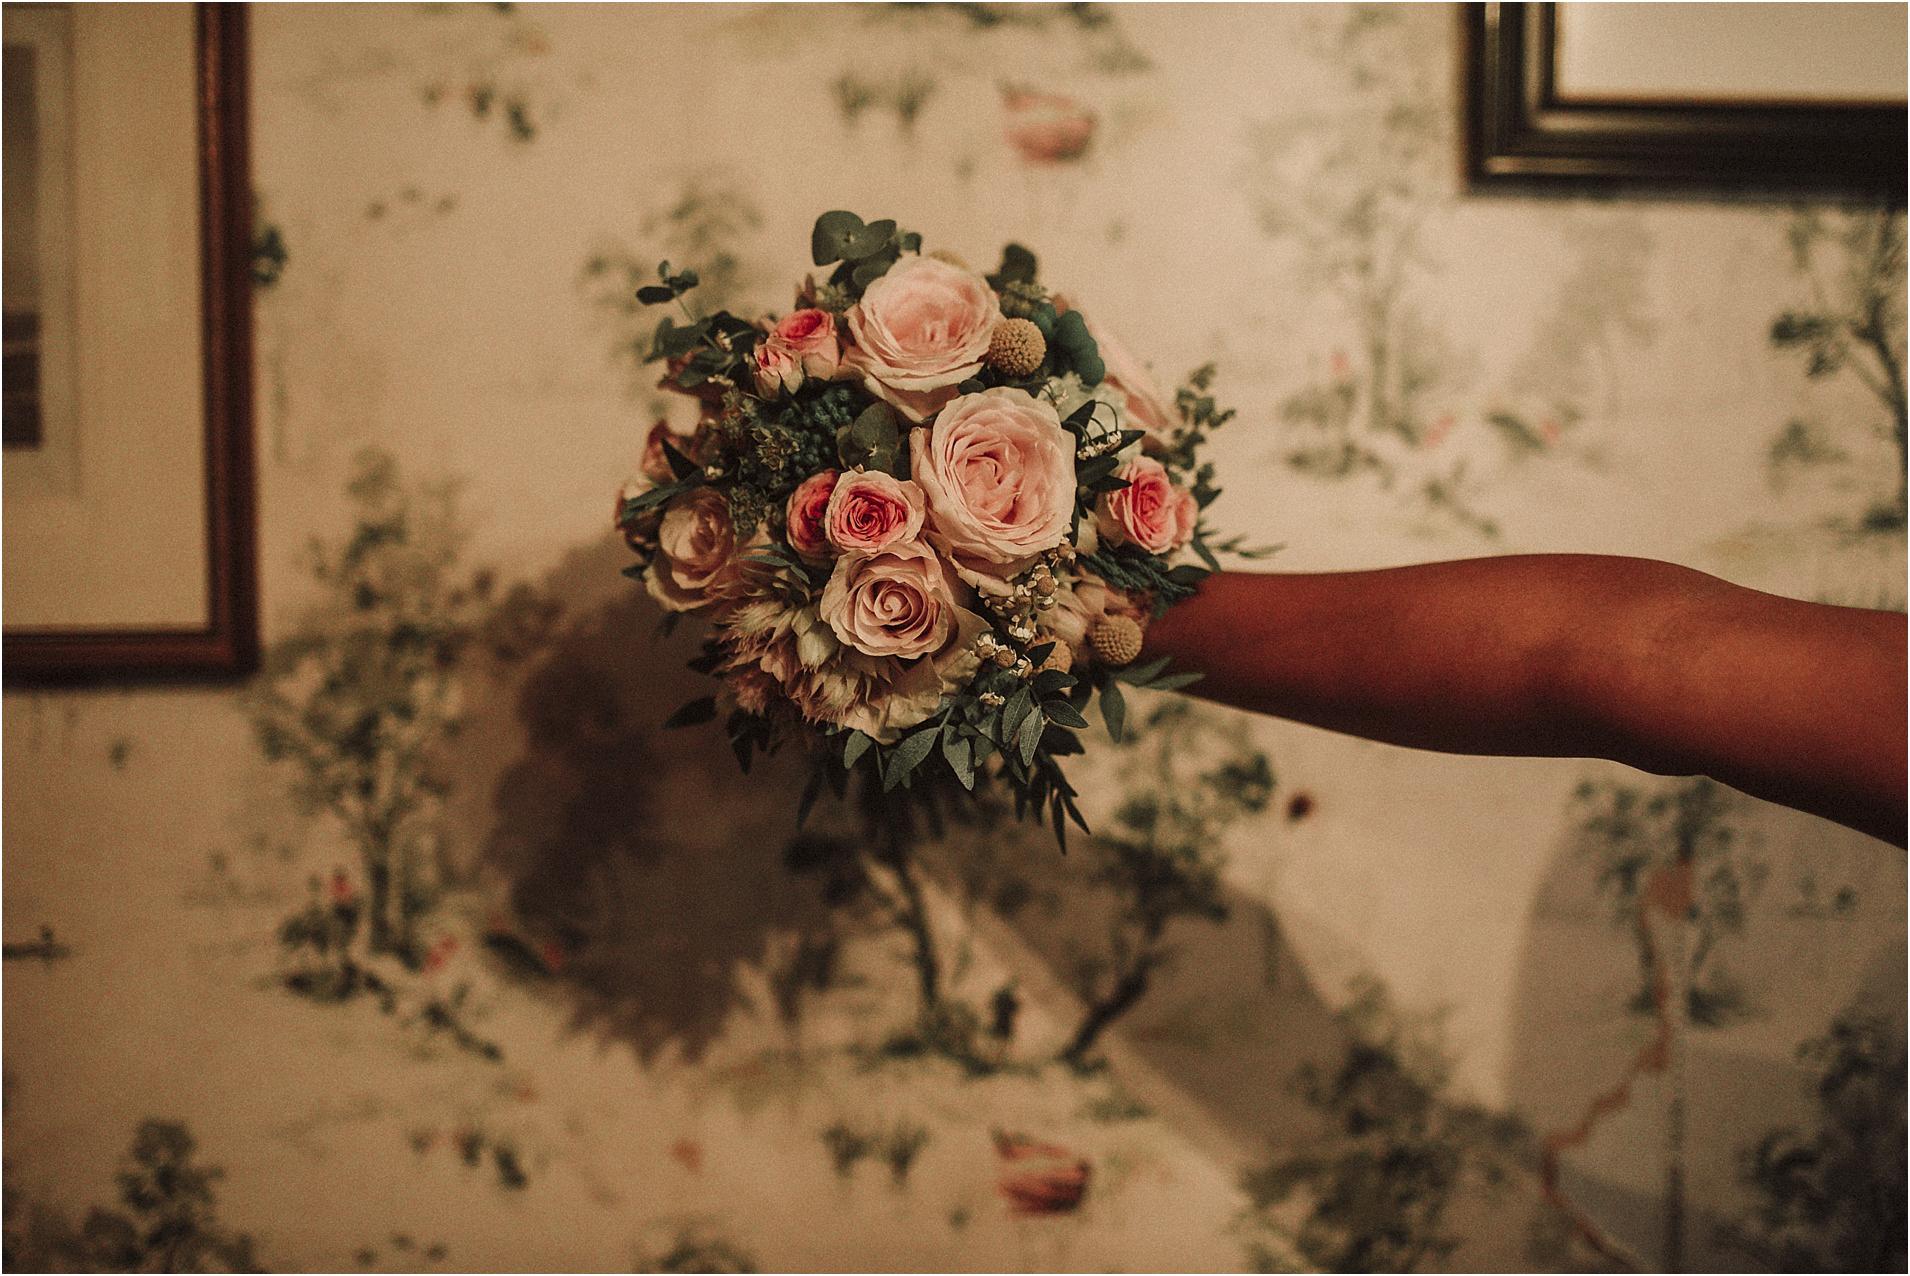 Fotografos-de-boda-donostia-zaragoza-san-sebastian-destination-wedding-photographer-69.jpg